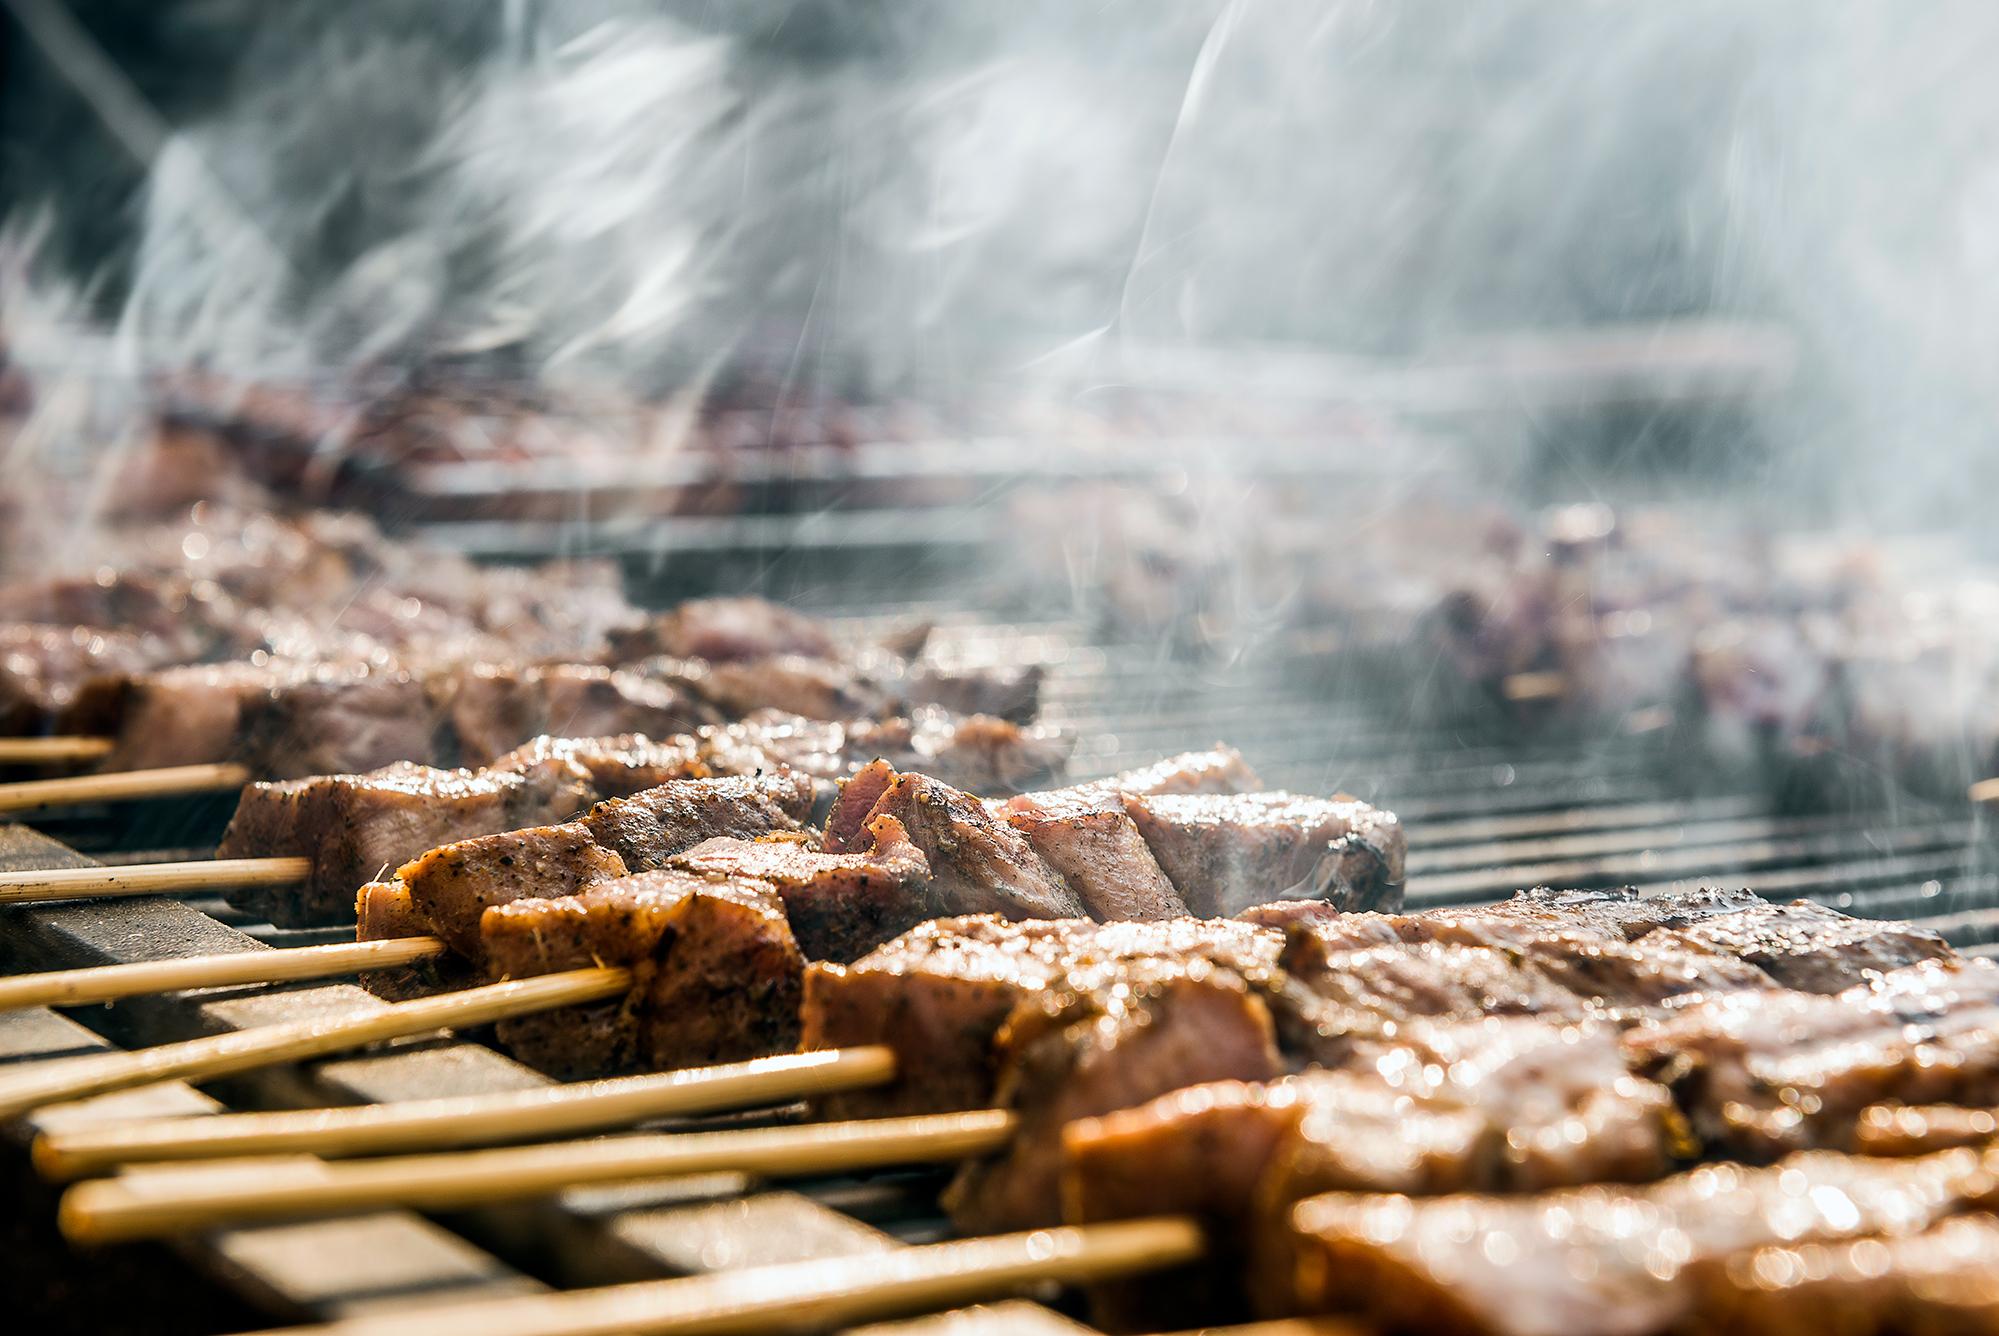 Τσικνοπέμπτη, η Πέμπτη που έχει μυρωδιά ψητού κρέατος!